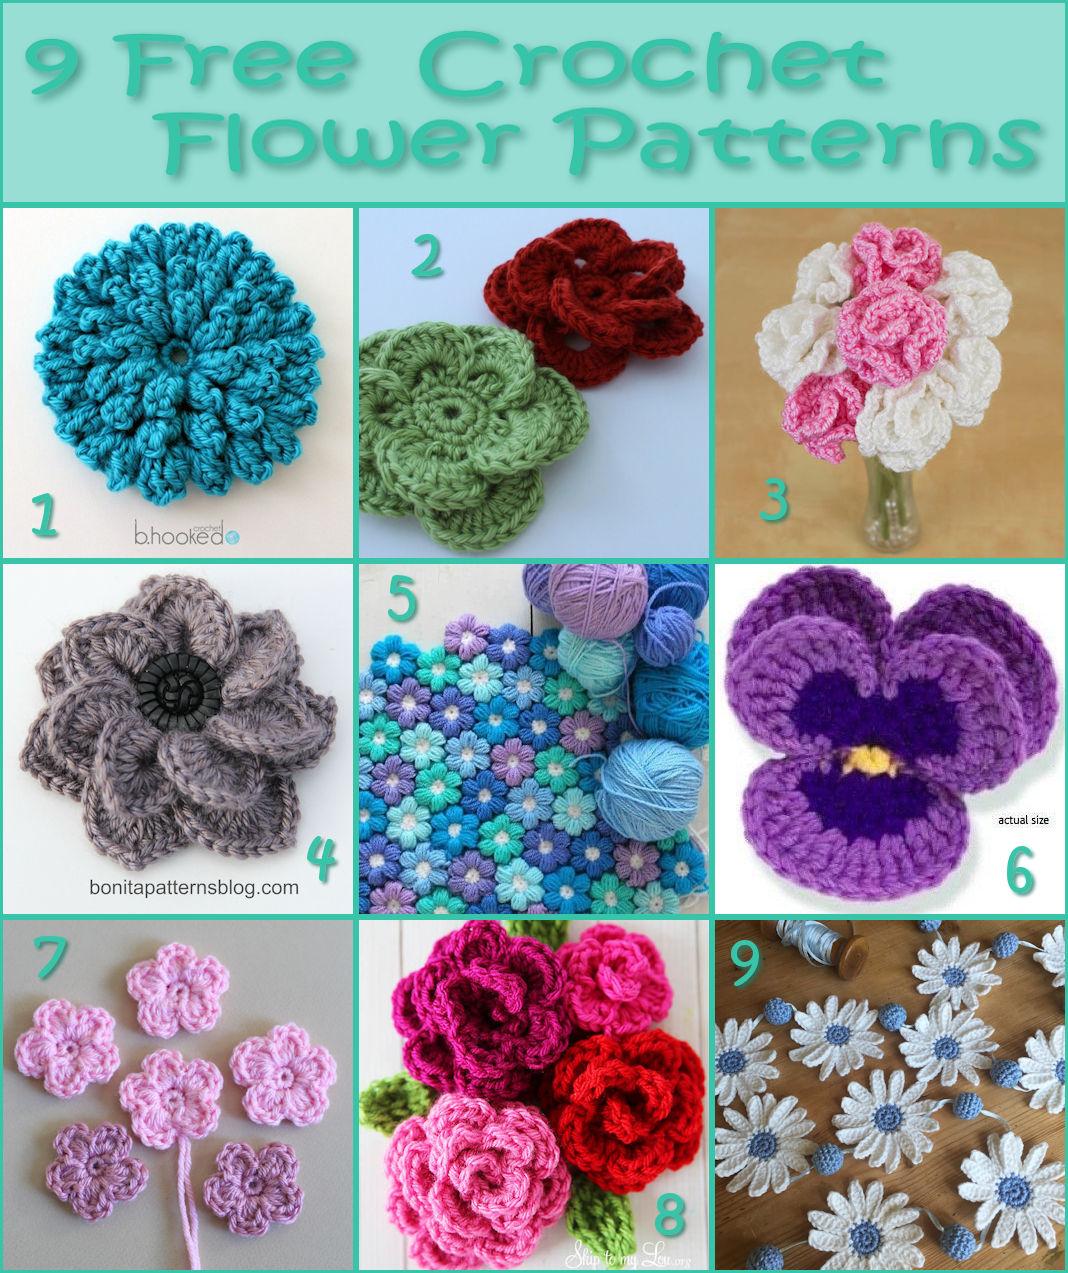 9 Free Crochet Flower Patterns